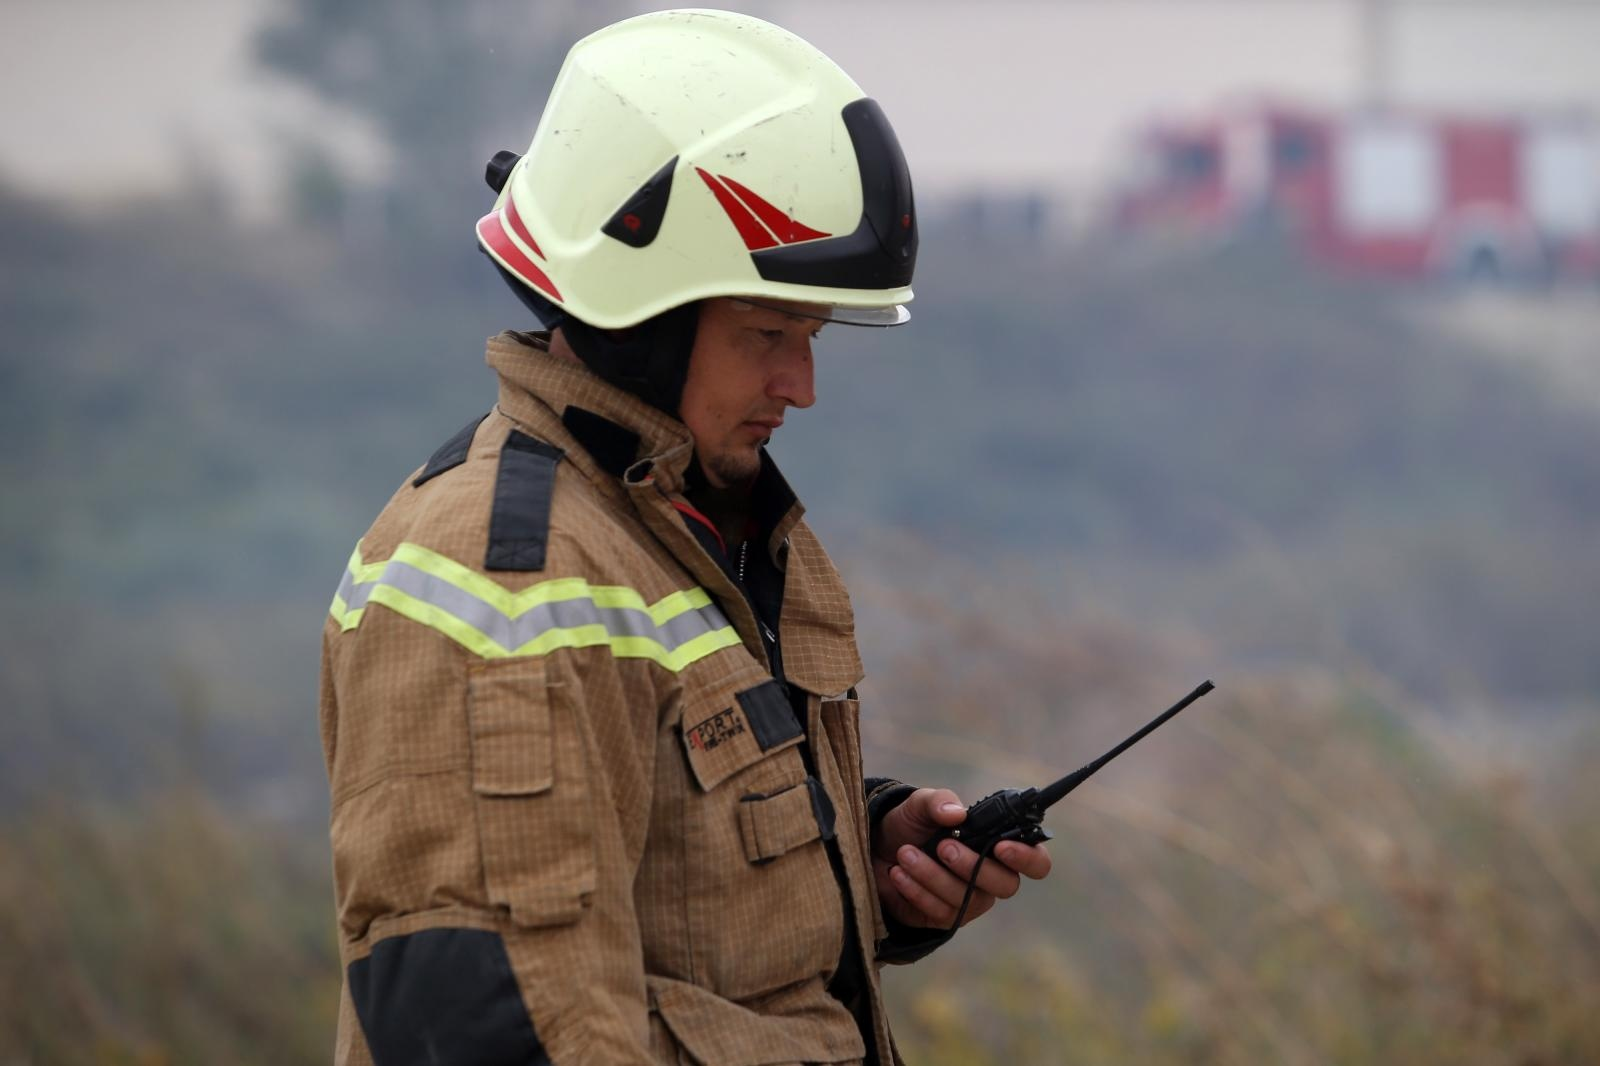 Požar u Splitu stavljen pod kontrolu, izgorjelo oko četiri hektara niskog raslinja